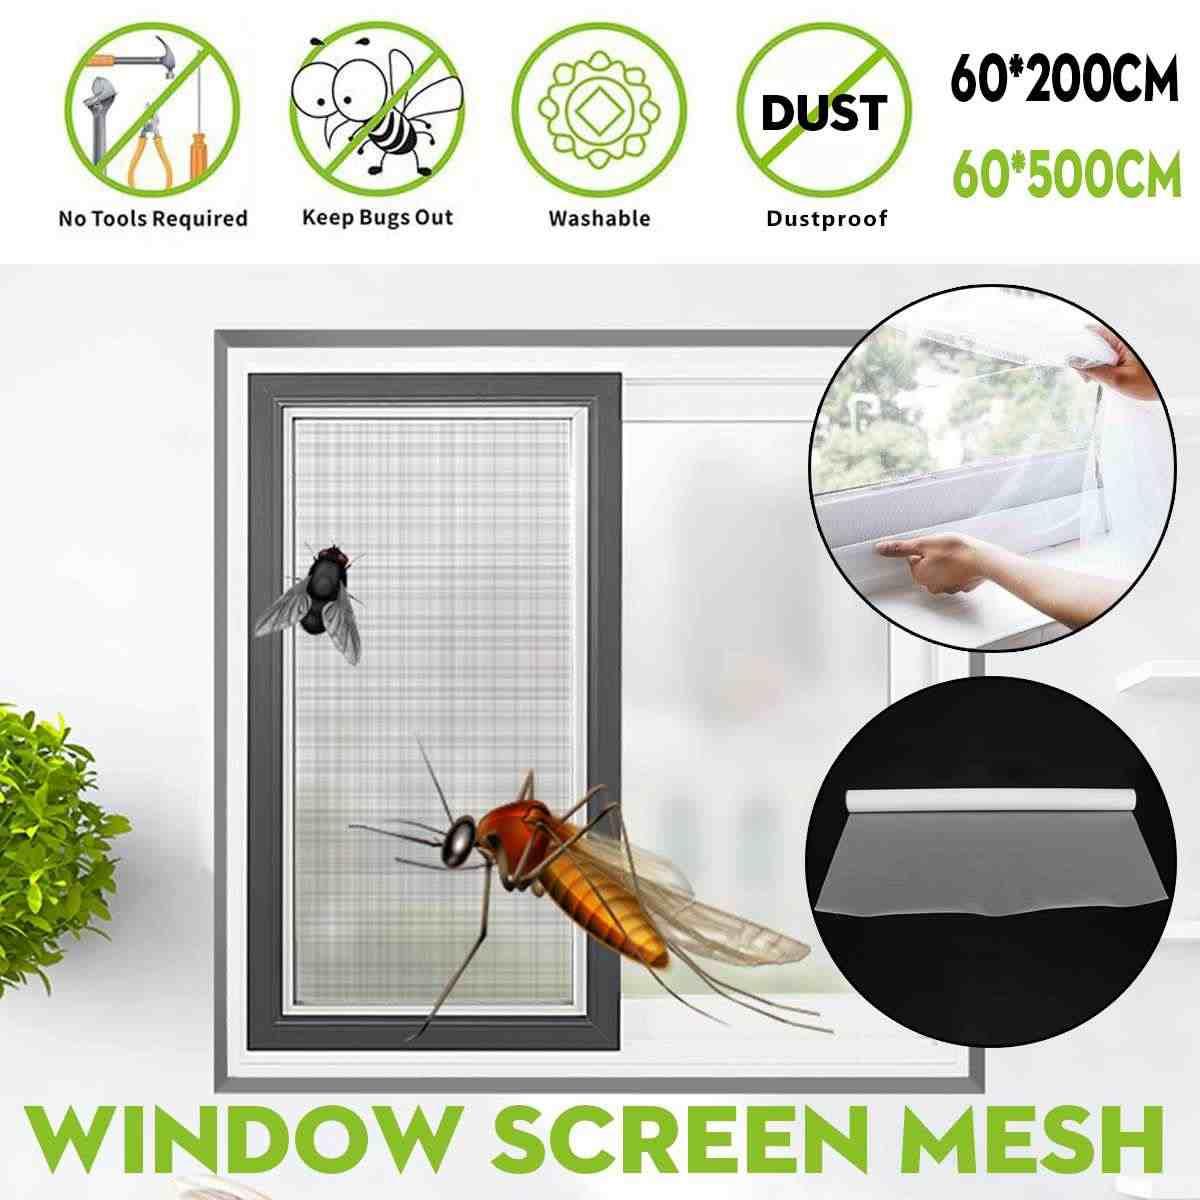 สูงเกรดหนาแน่นในร่มประตูหน้าต่างหน้าจอตาข่าย PM2.5 ฝุ่นแมลง Fly หมอกผ้าม่านยุงสุทธิผ้าม่านผ้าม่านหน้าจอตาข่าย